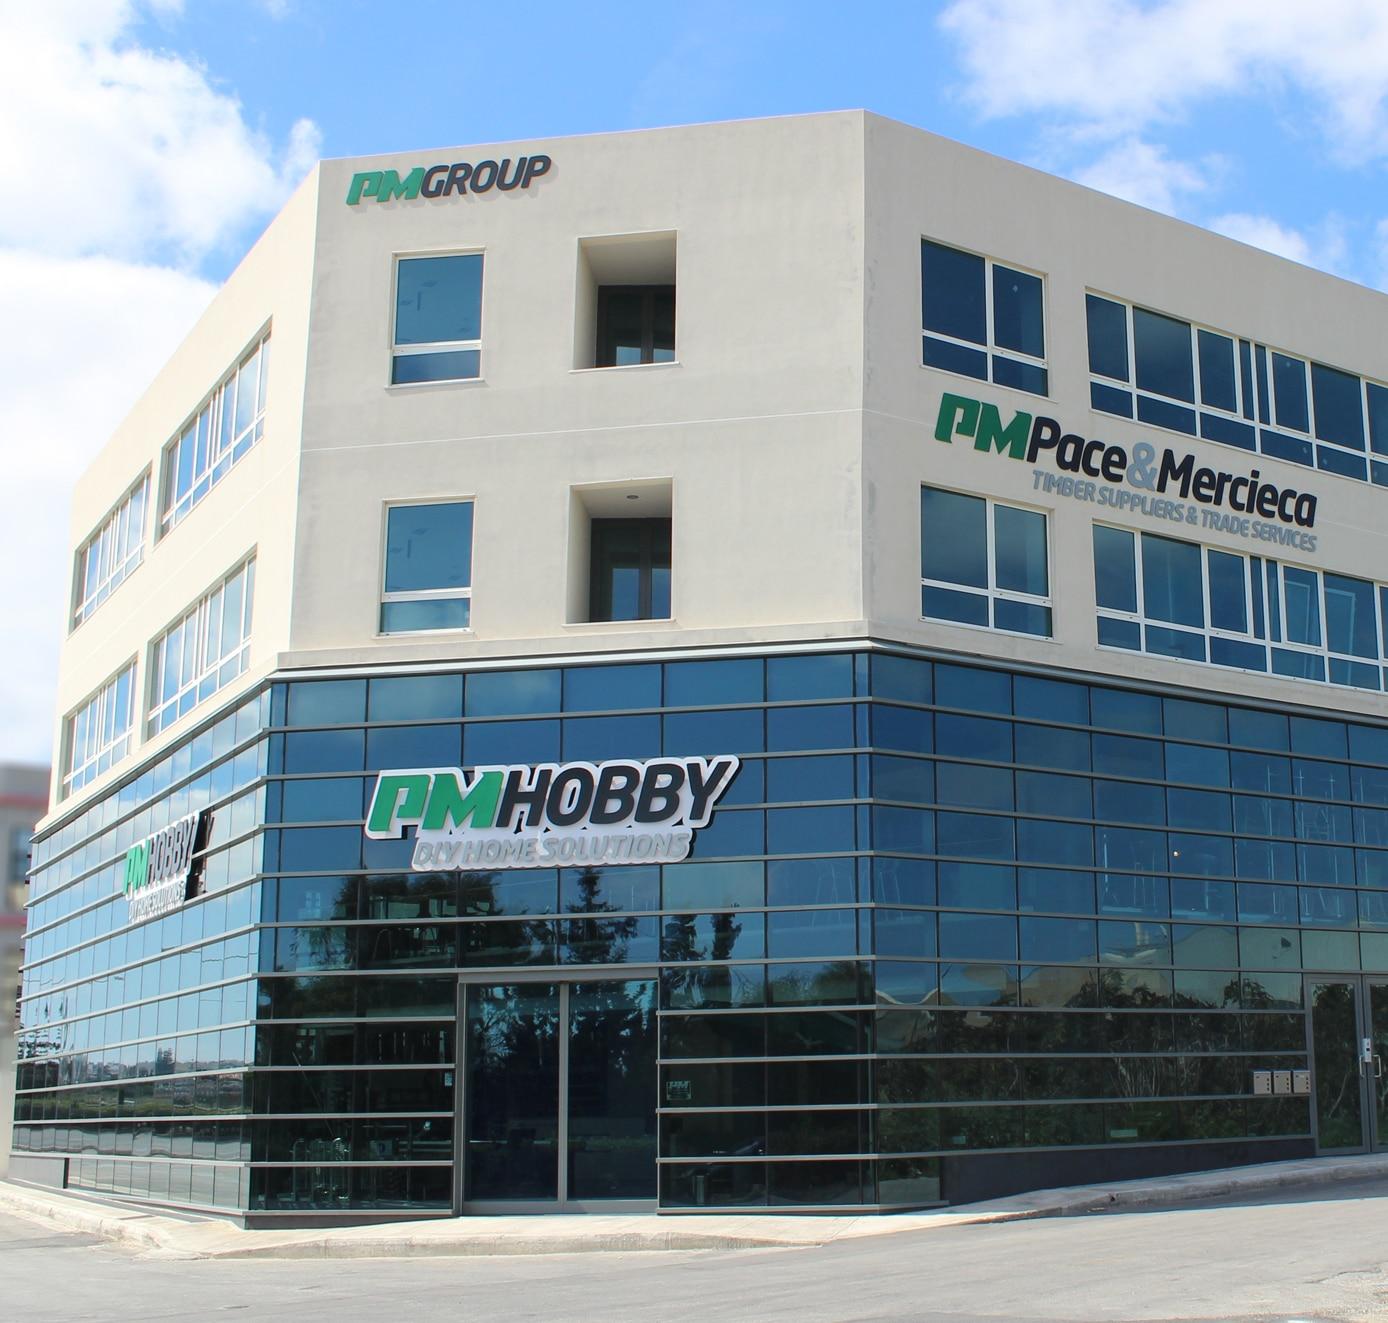 PM Hobby Shop Facade